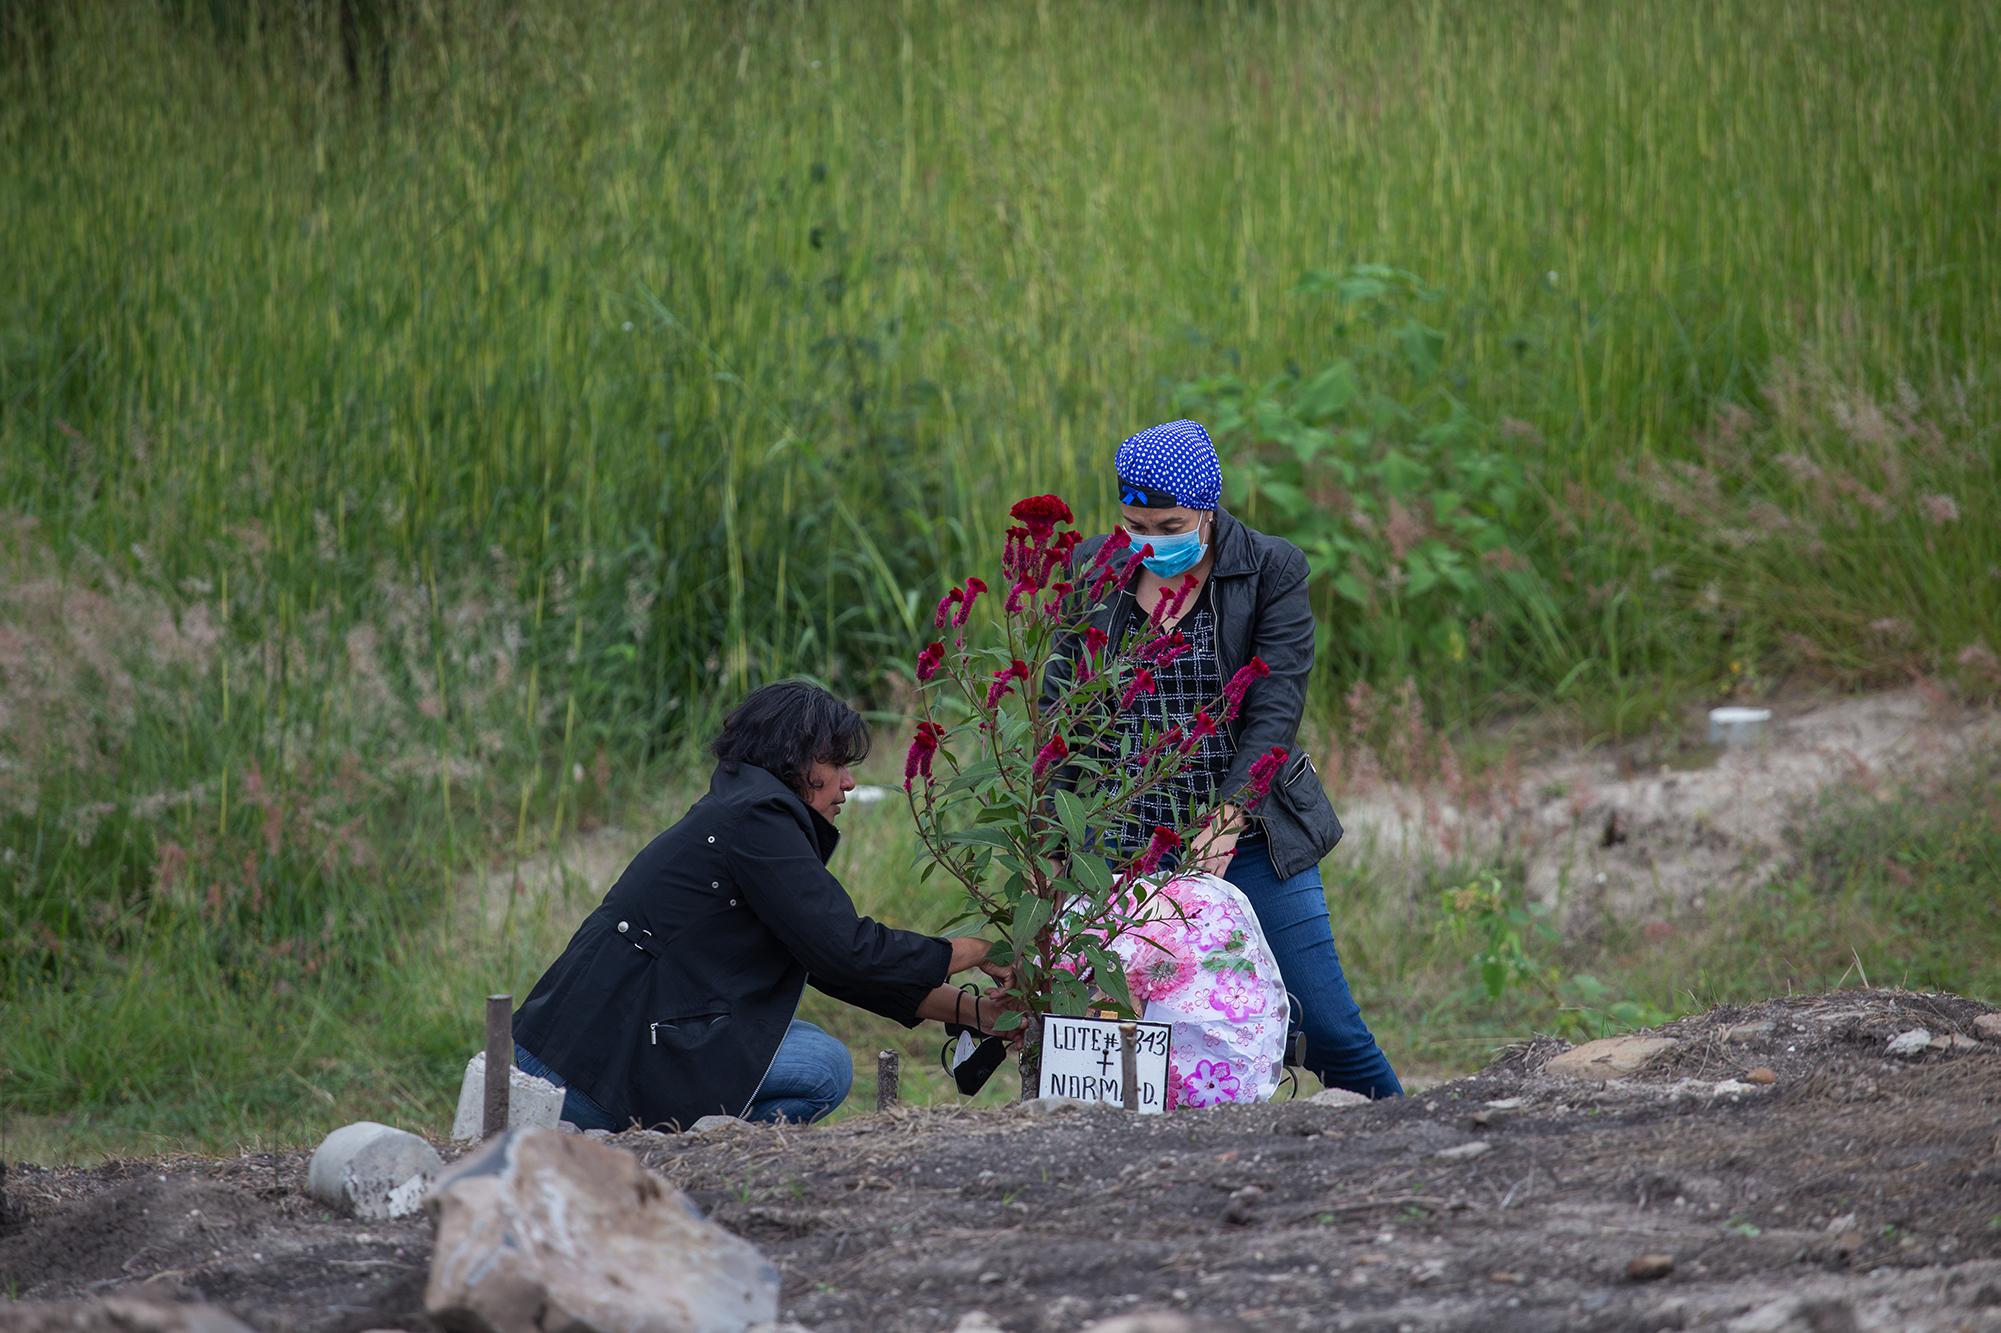 Dos mujeres limpian y adornan con flores la tumba de un familiar en el anexo del Parque Memorial Jardín de los Ángeles. Comayagüela, 2 de noviembre de 2020. Foto: Martín Cálix.